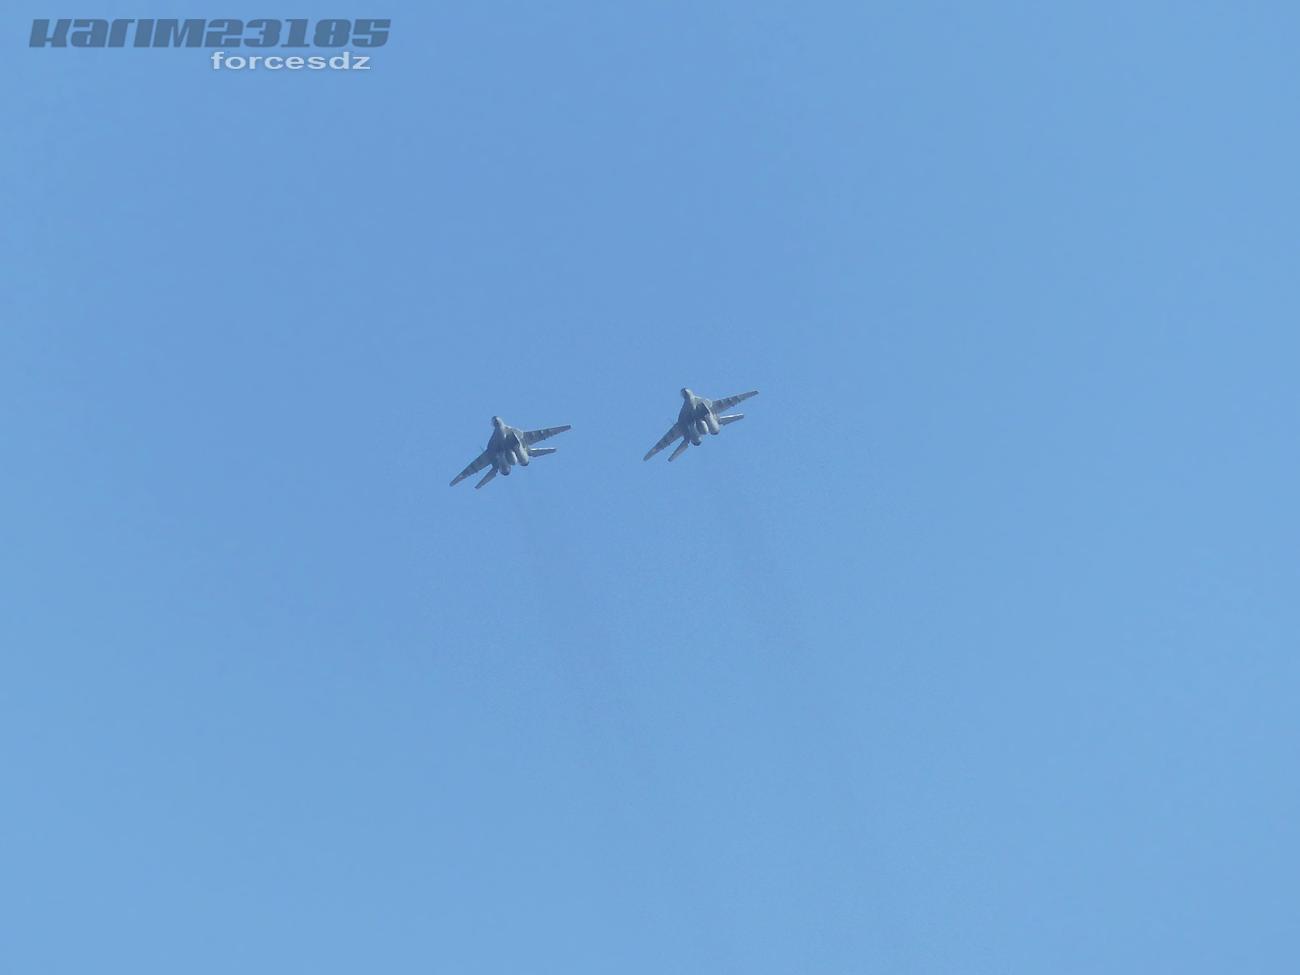 صور طائرات القوات الجوية الجزائرية  [ MIG-29S/UB / Fulcrum ] 2